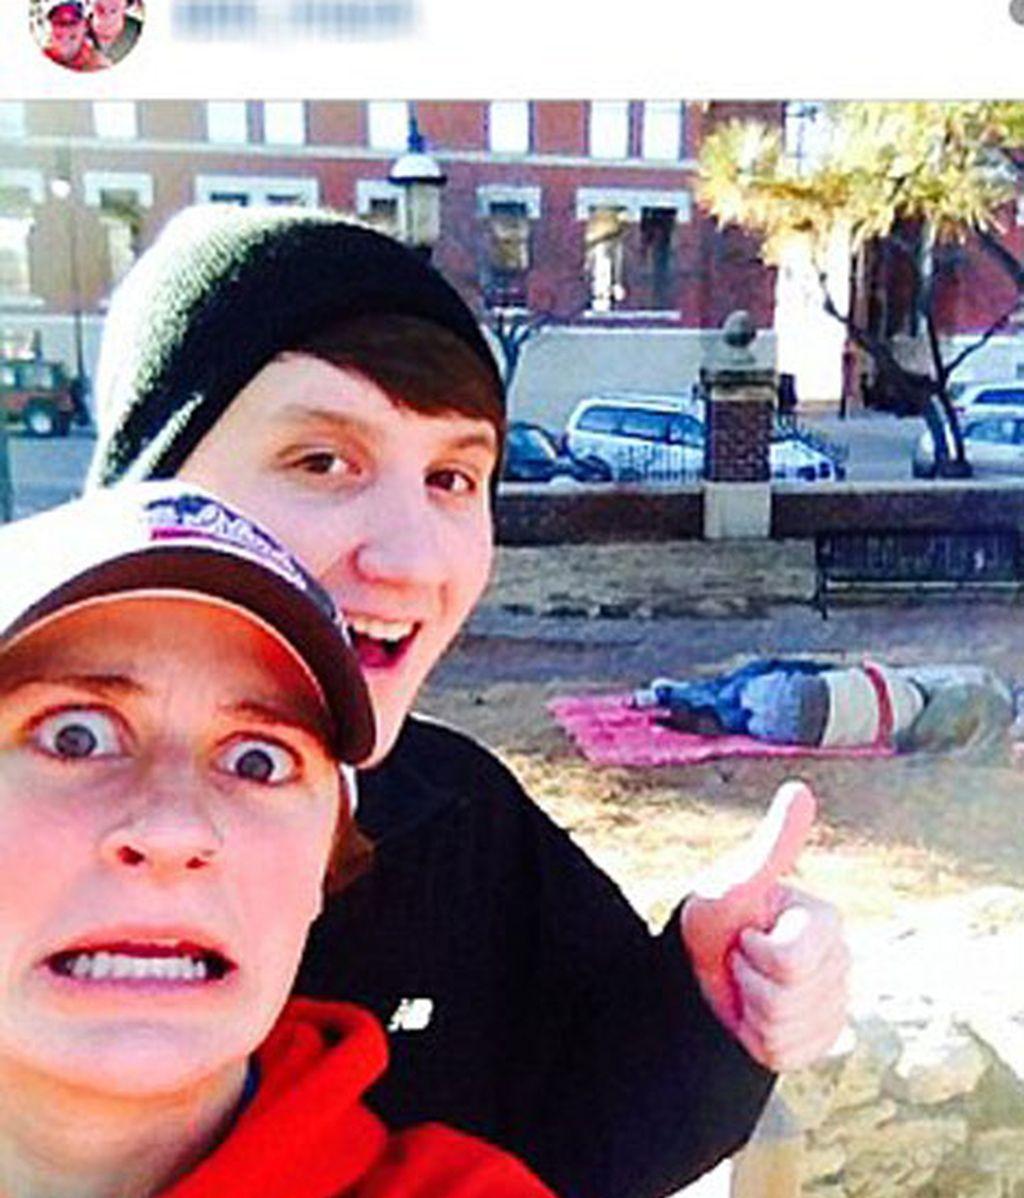 El lado menos gracioso del 'selfie'